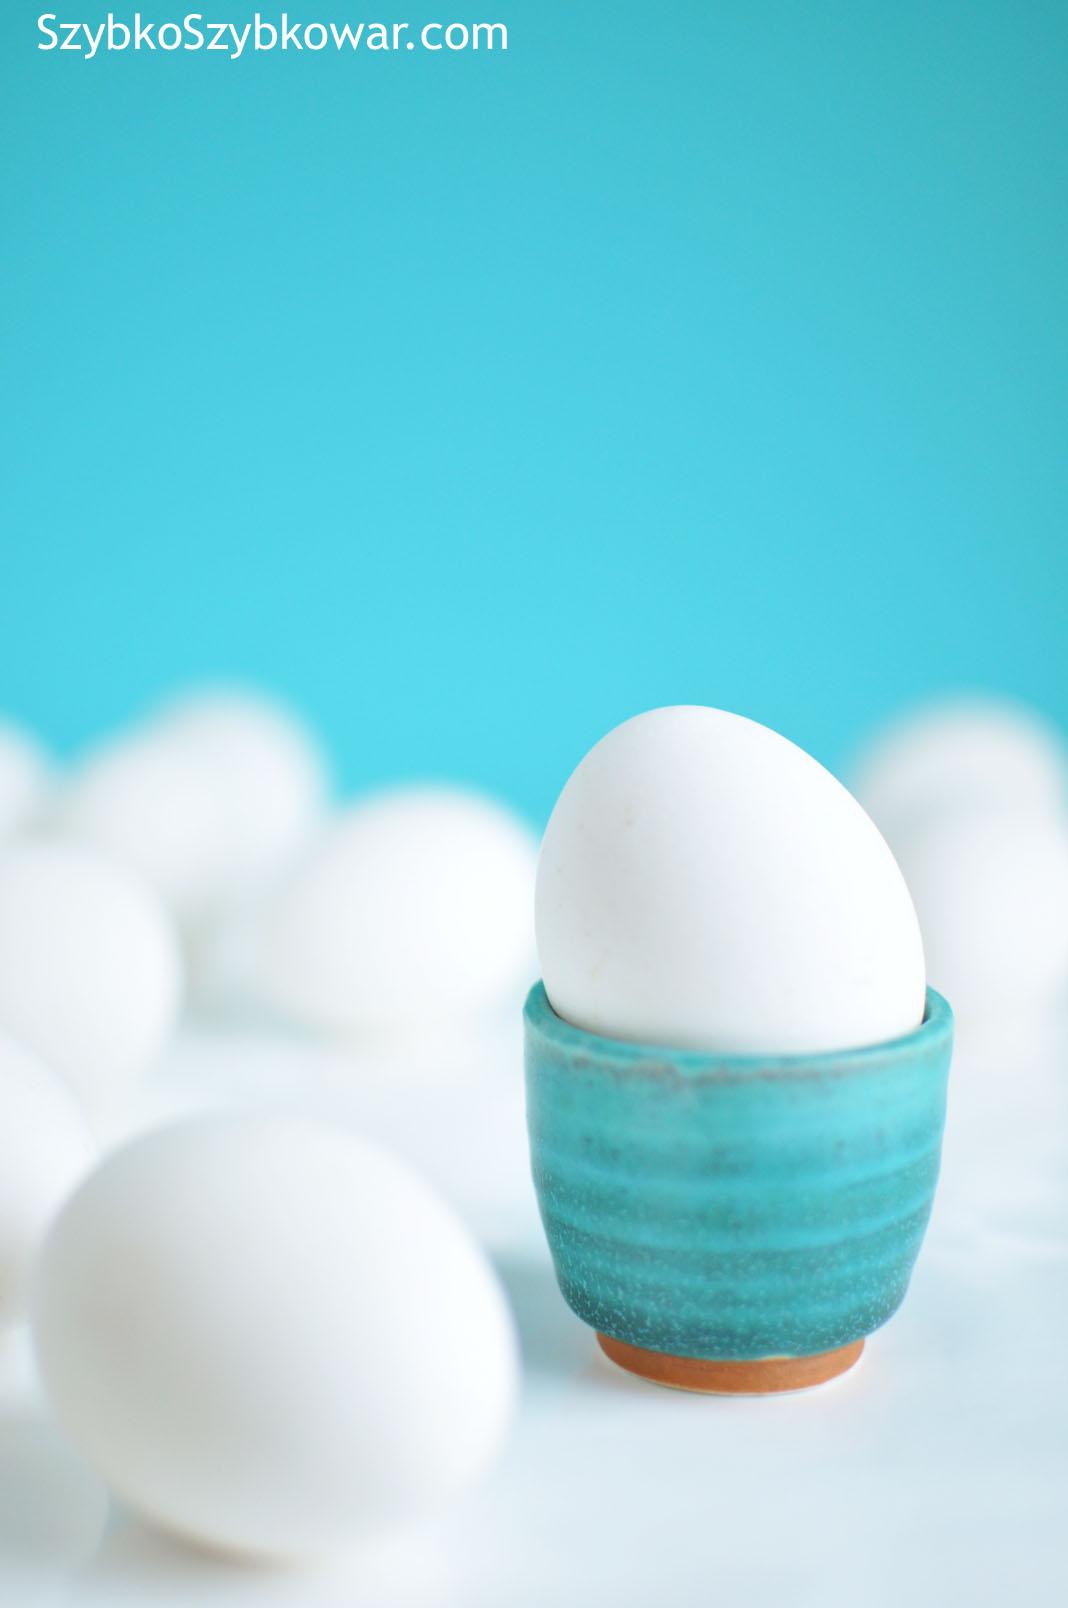 Jajka.